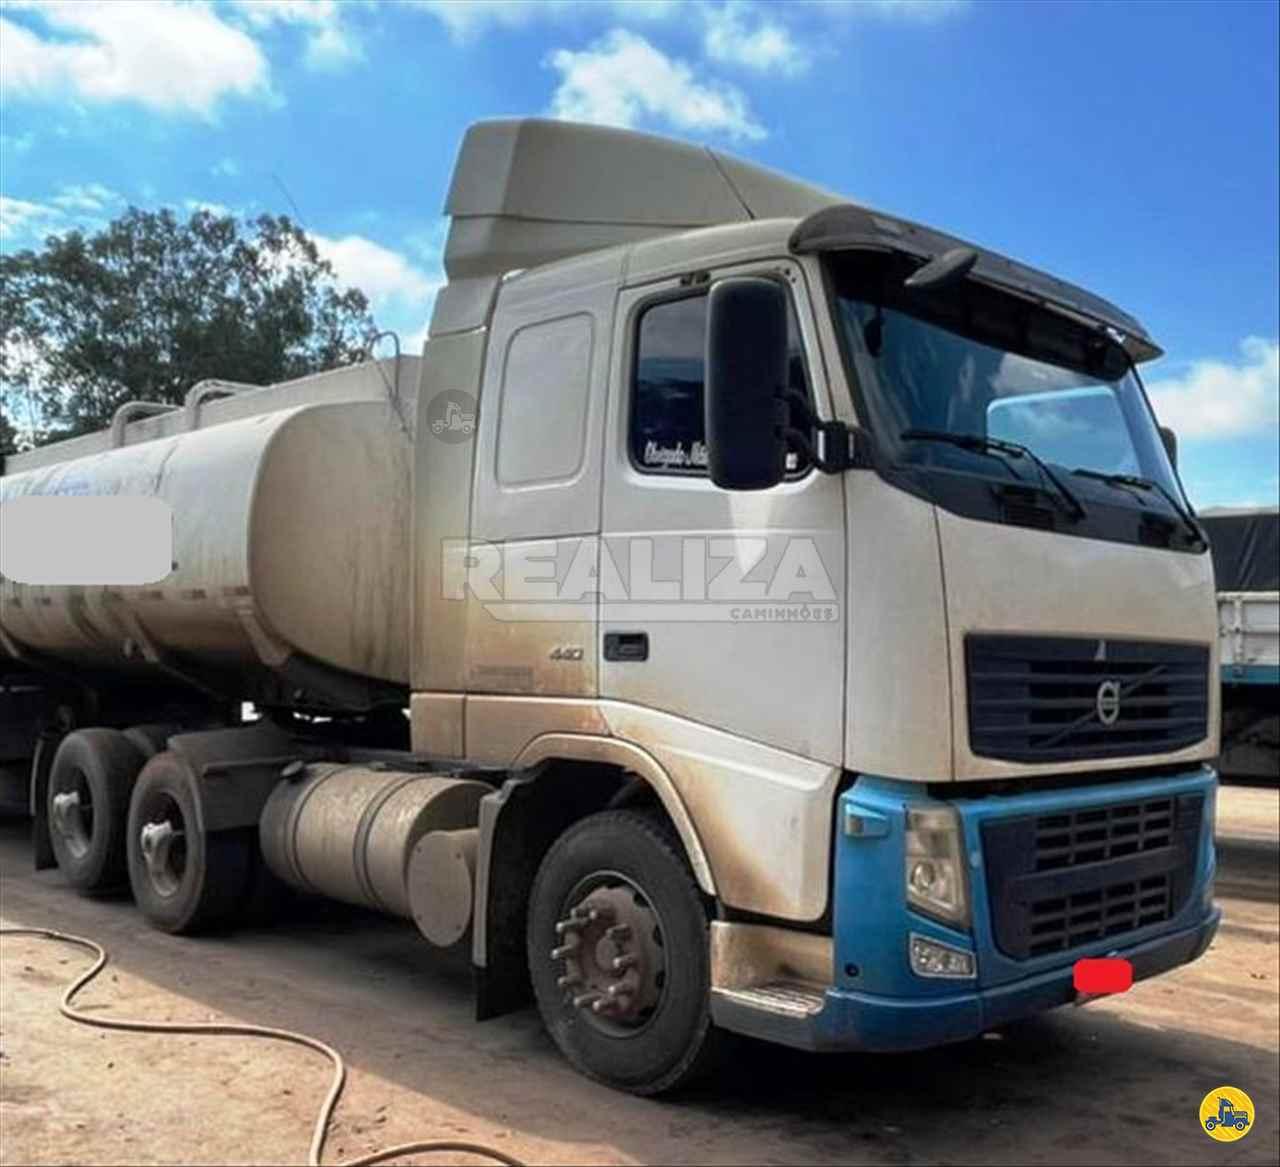 CAMINHAO VOLVO VOLVO FH 440 Cavalo Mecânico Truck 6x2 Realiza Caminhões - Umuarama UMUARAMA PARANÁ PR